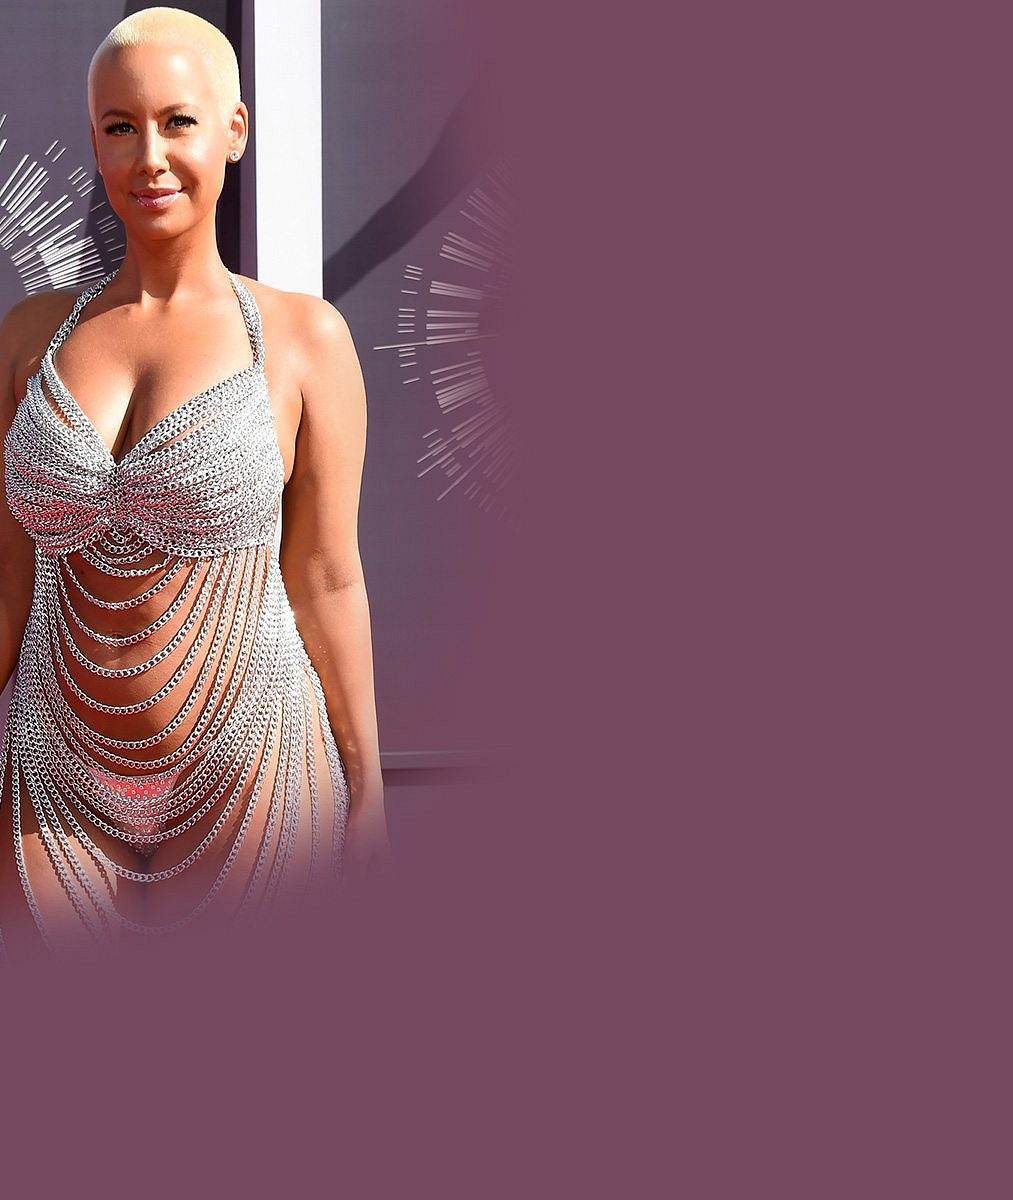 Kyprá modelka strhla pozornost na své maminkovské křivky v šatech z řetízků